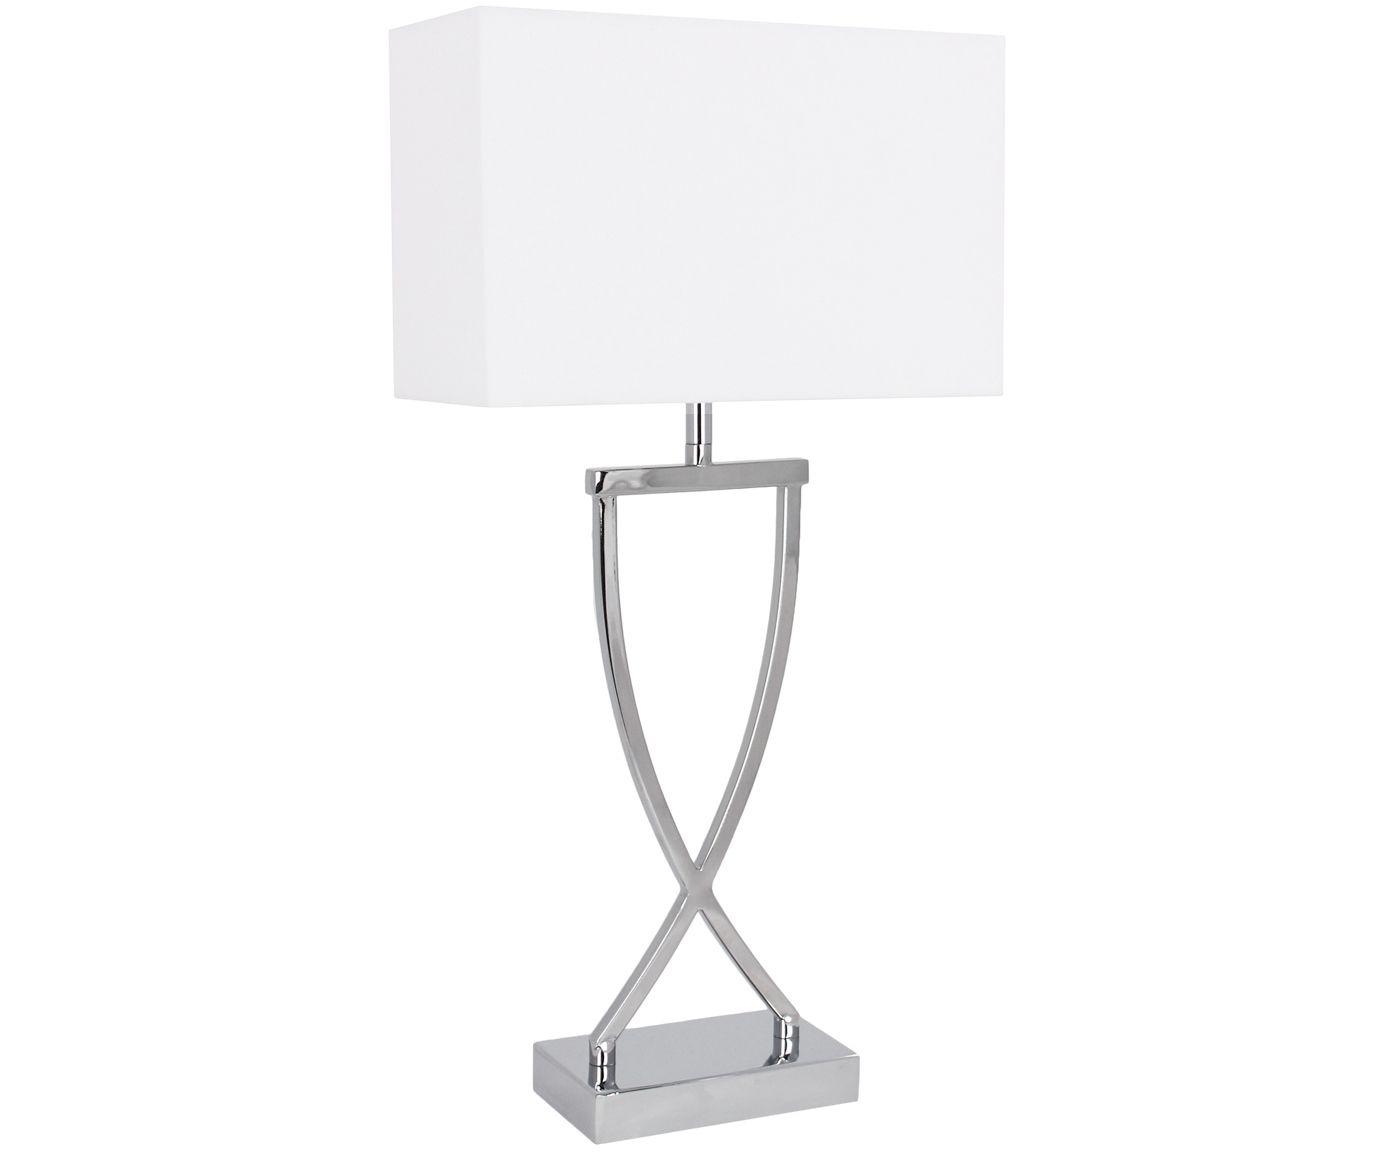 Grosse Klassische Tischlampe Vanessa In Silber Westwingnow Lampe Tischlampen Tischleuchte